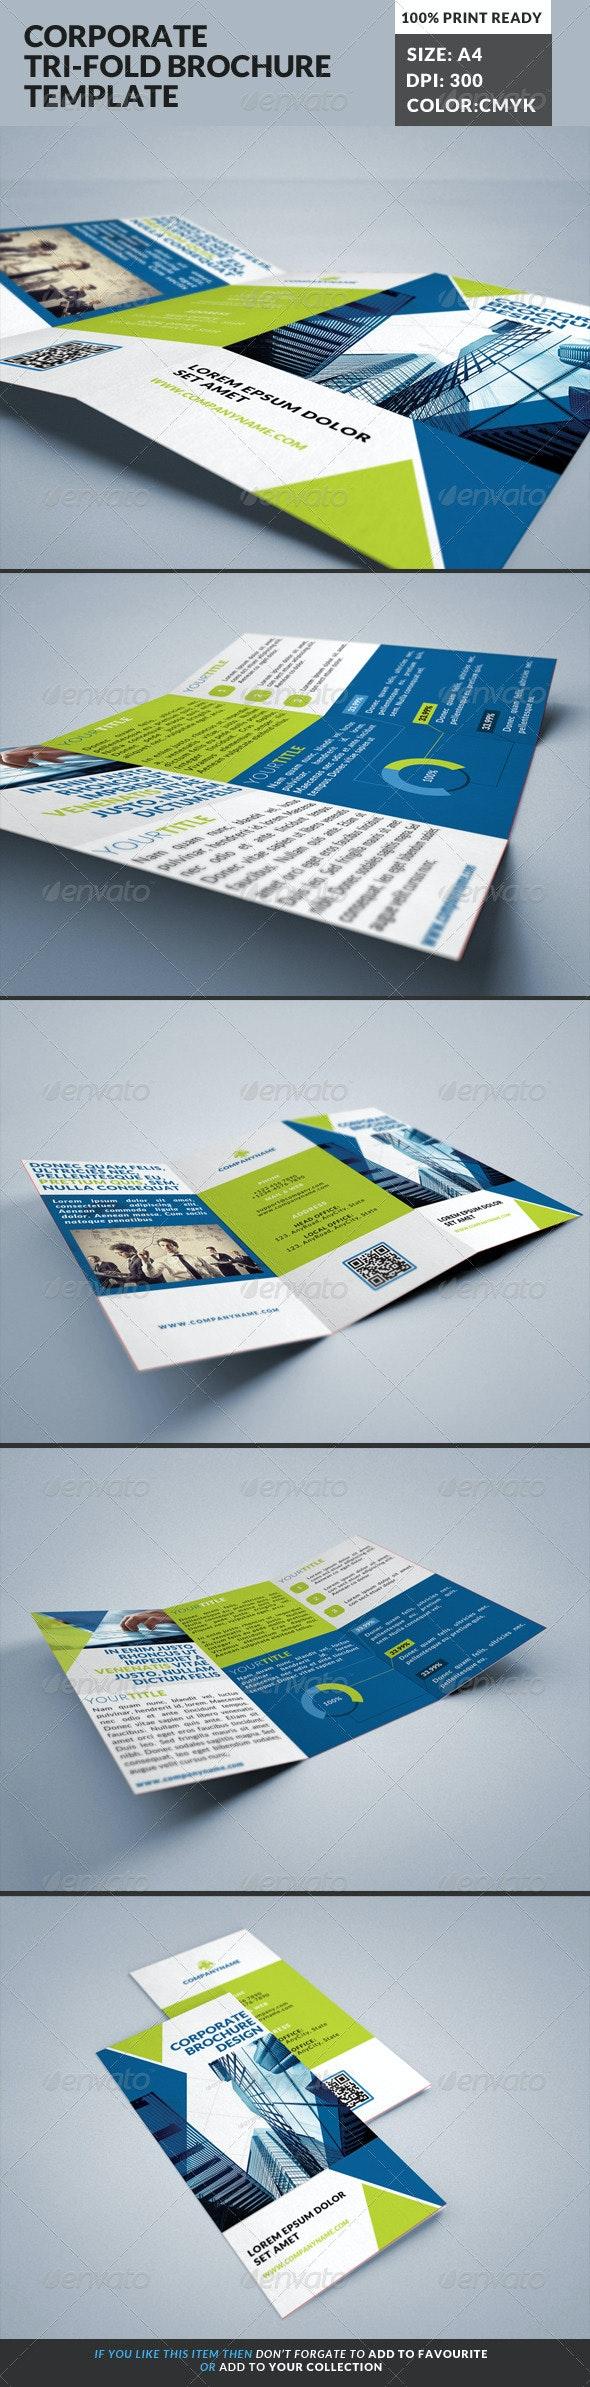 Corporate Tri-Fold Brochures Template 19 - Corporate Brochures